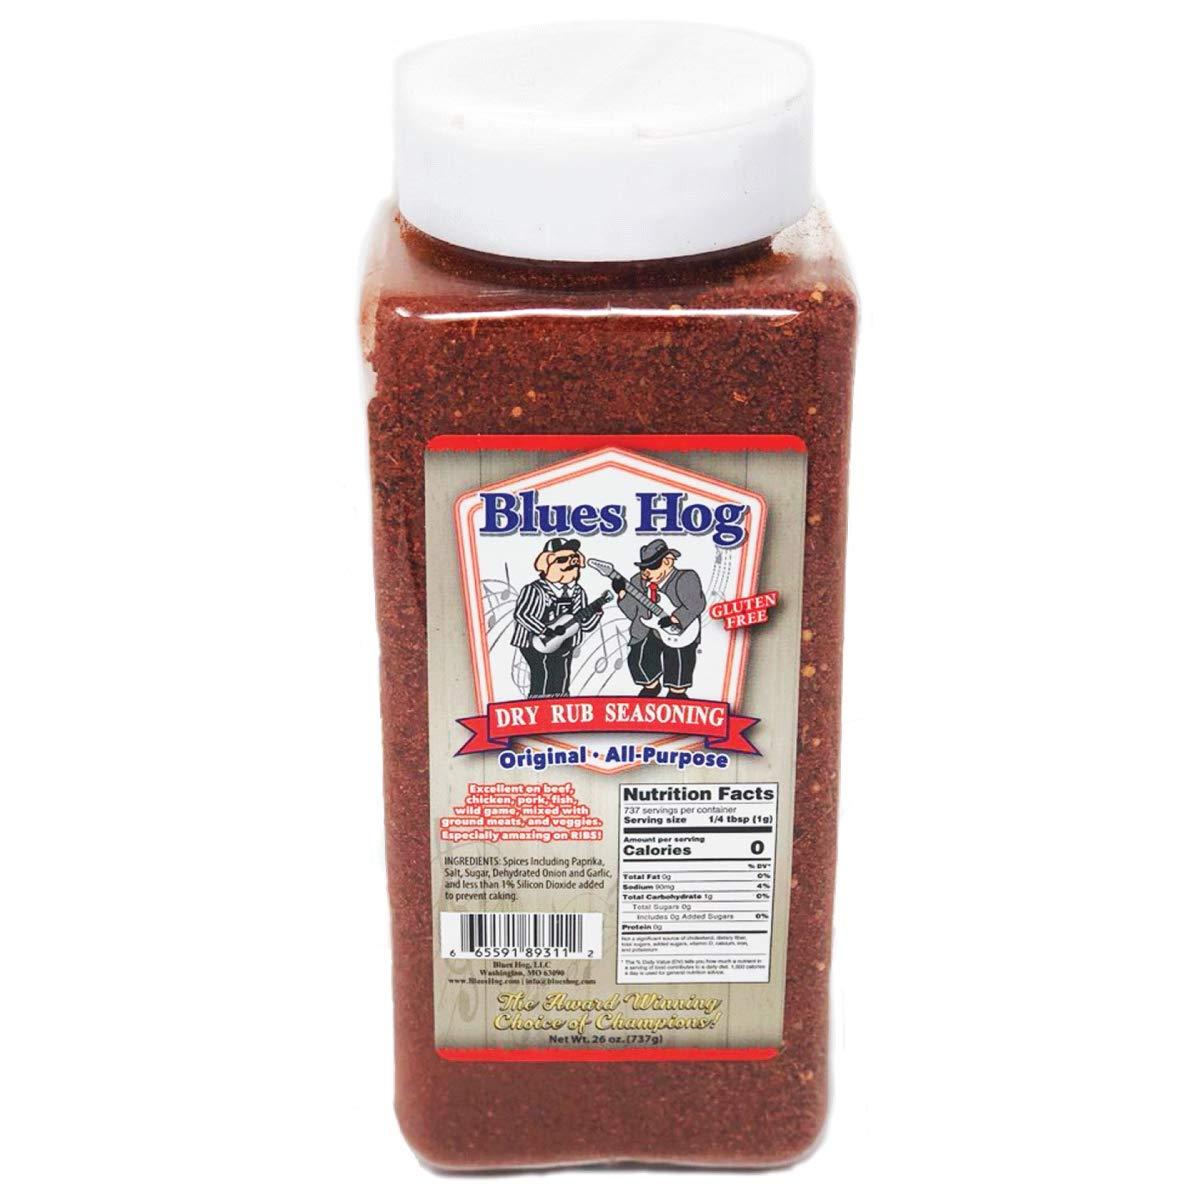 Blues Hog Original Dry Rub Seasoning (26 oz.)